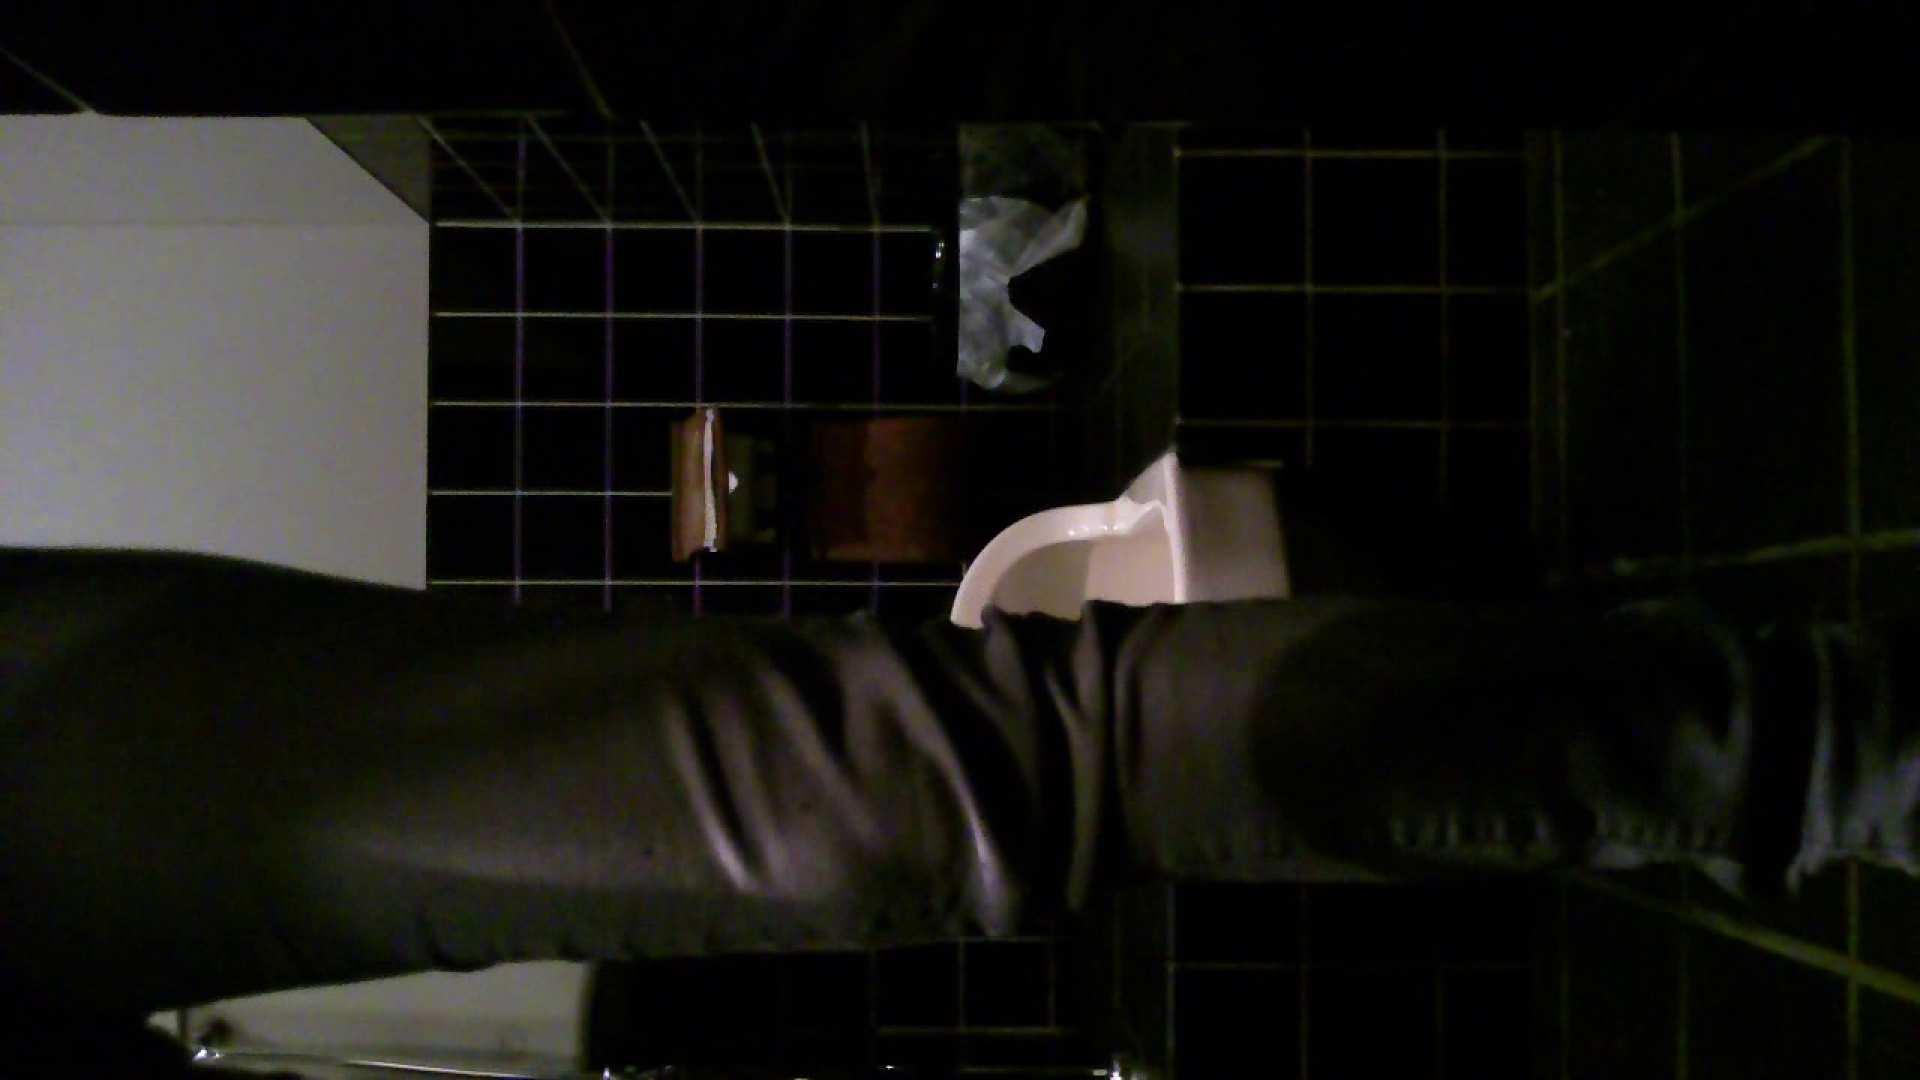 美女の集まる飲み屋洗面所 vol.02 キャバ嬢ヌード オメコ無修正動画無料 110画像 19